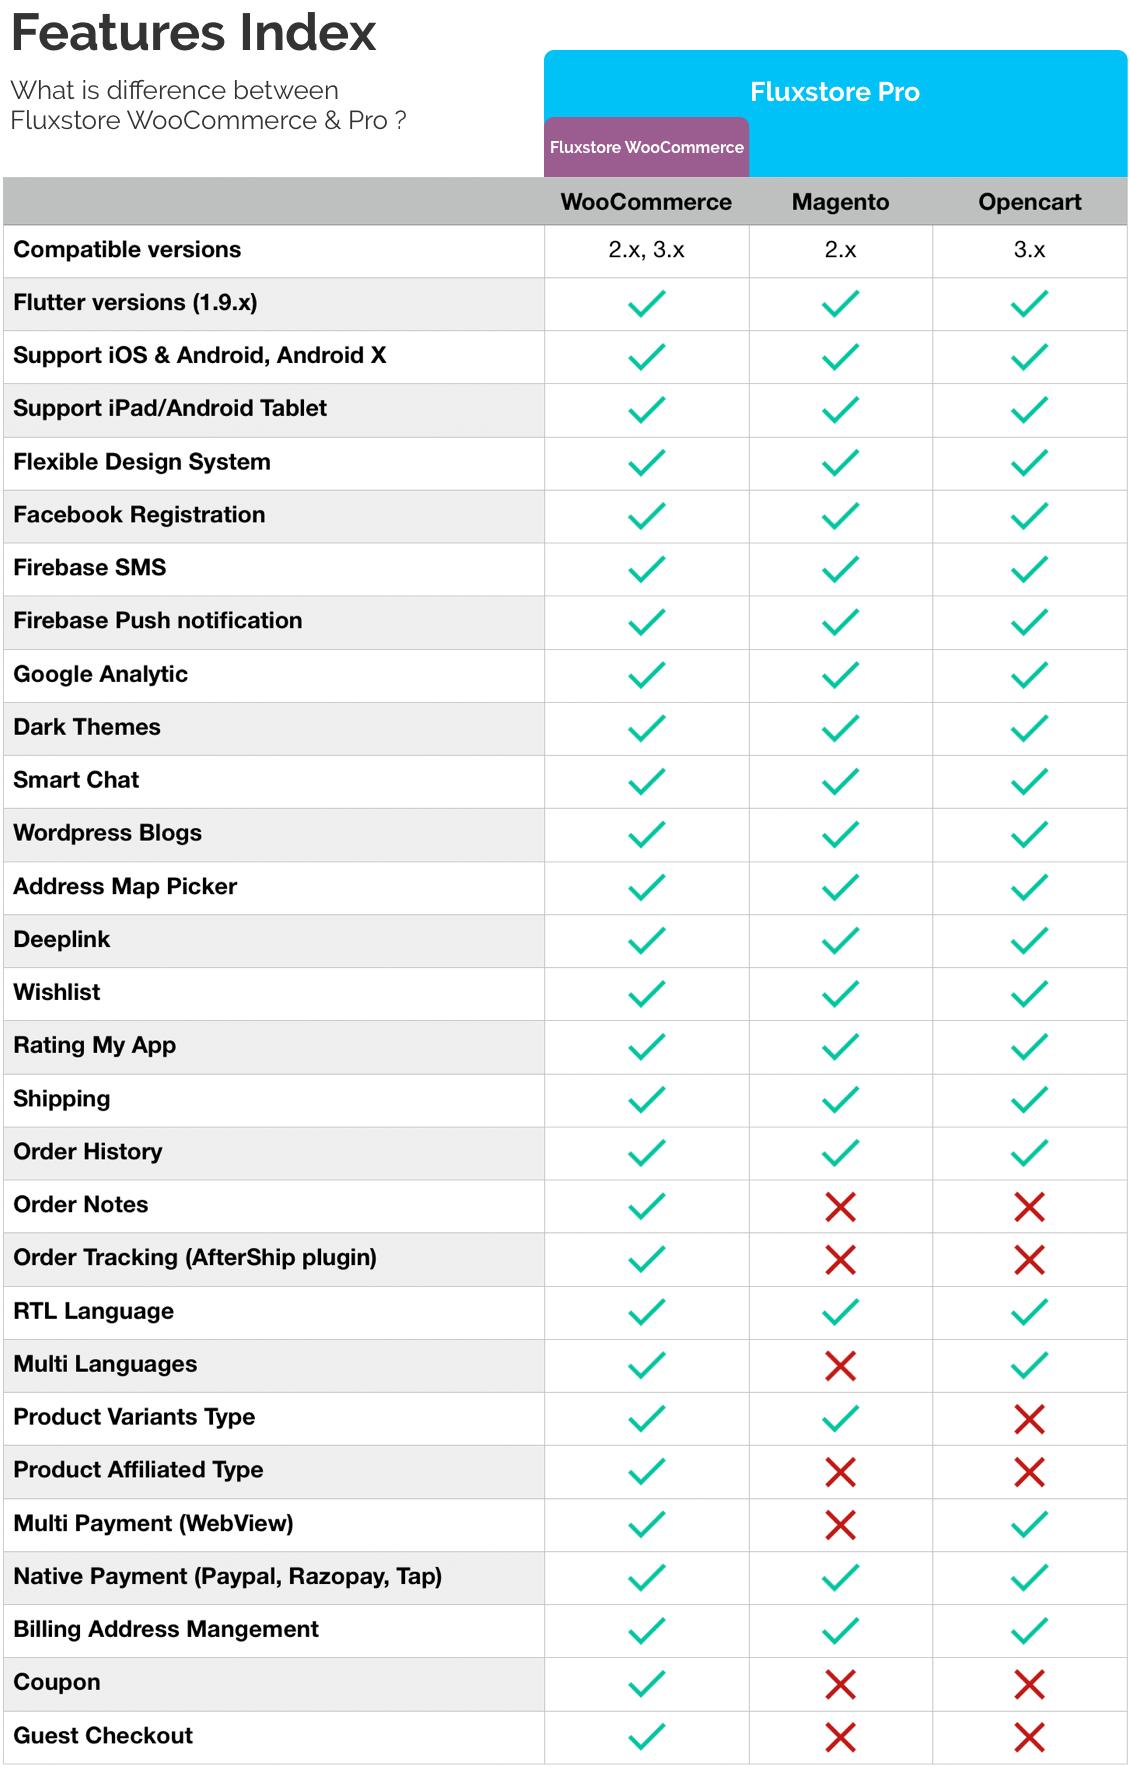 Fluxstore Pro - Flutter E-commerce Full App for Magento, Opencart, and Woocommerce - 29